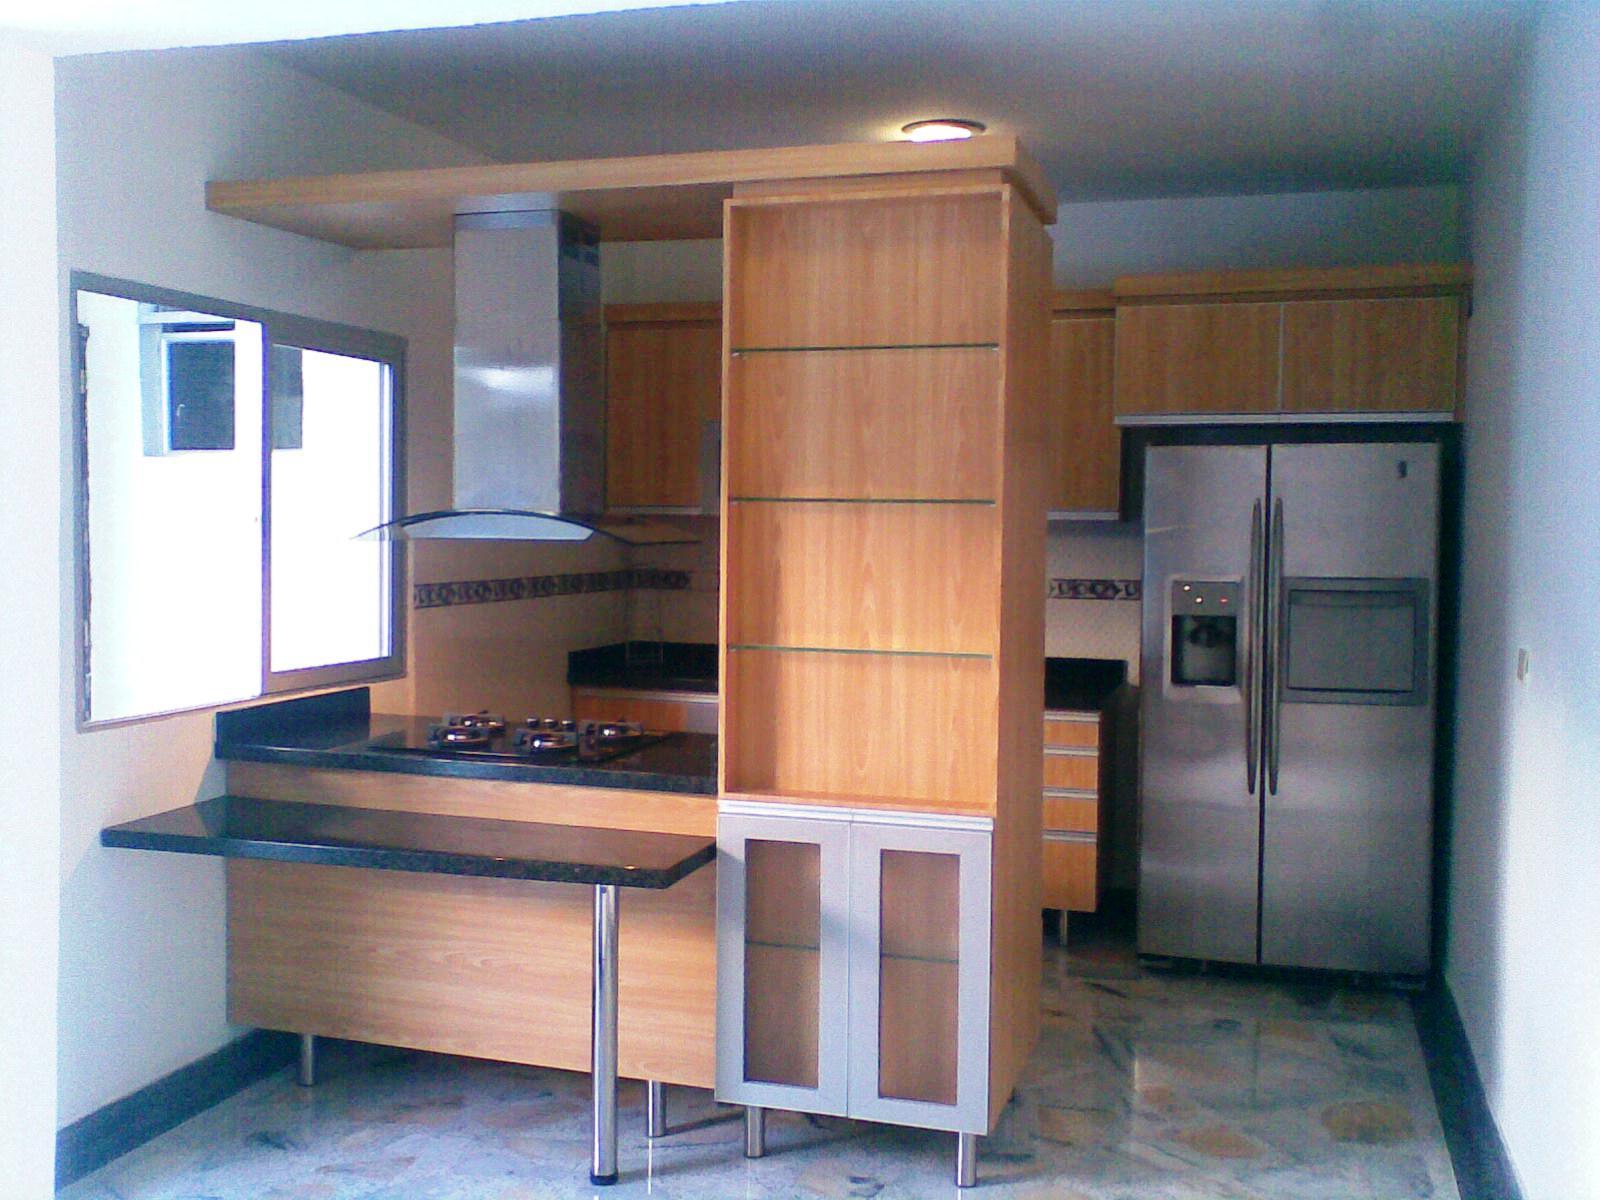 cocina en cucuta referencia halla natural cocinas On cocinas integrales cucuta